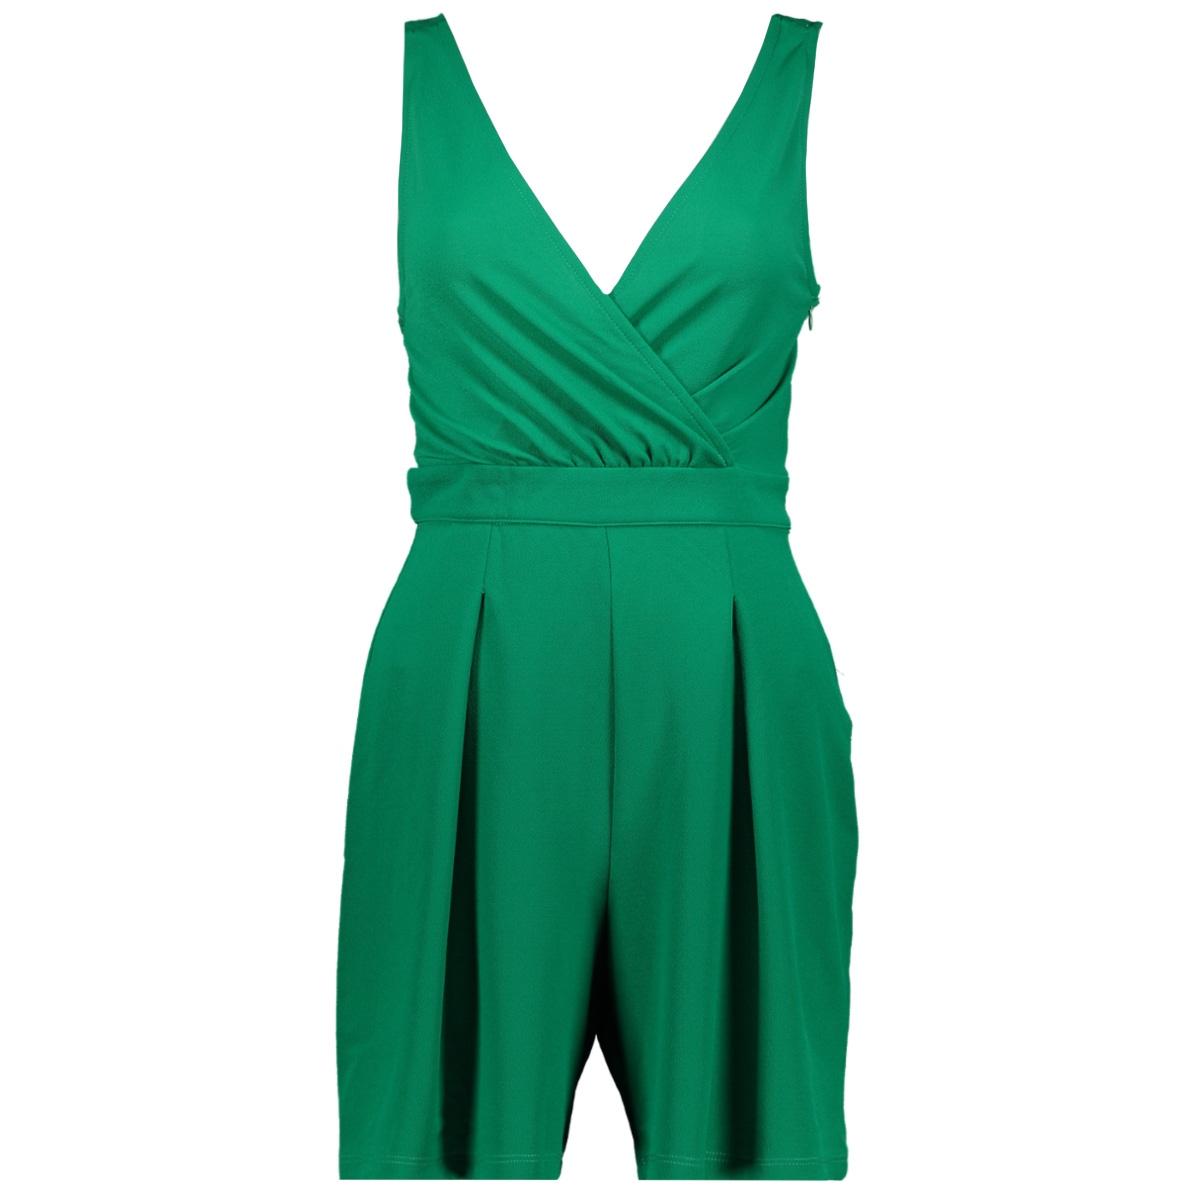 onlmona s/l lace playsuit jrs 15177391 only jumpsuit ultramarine green